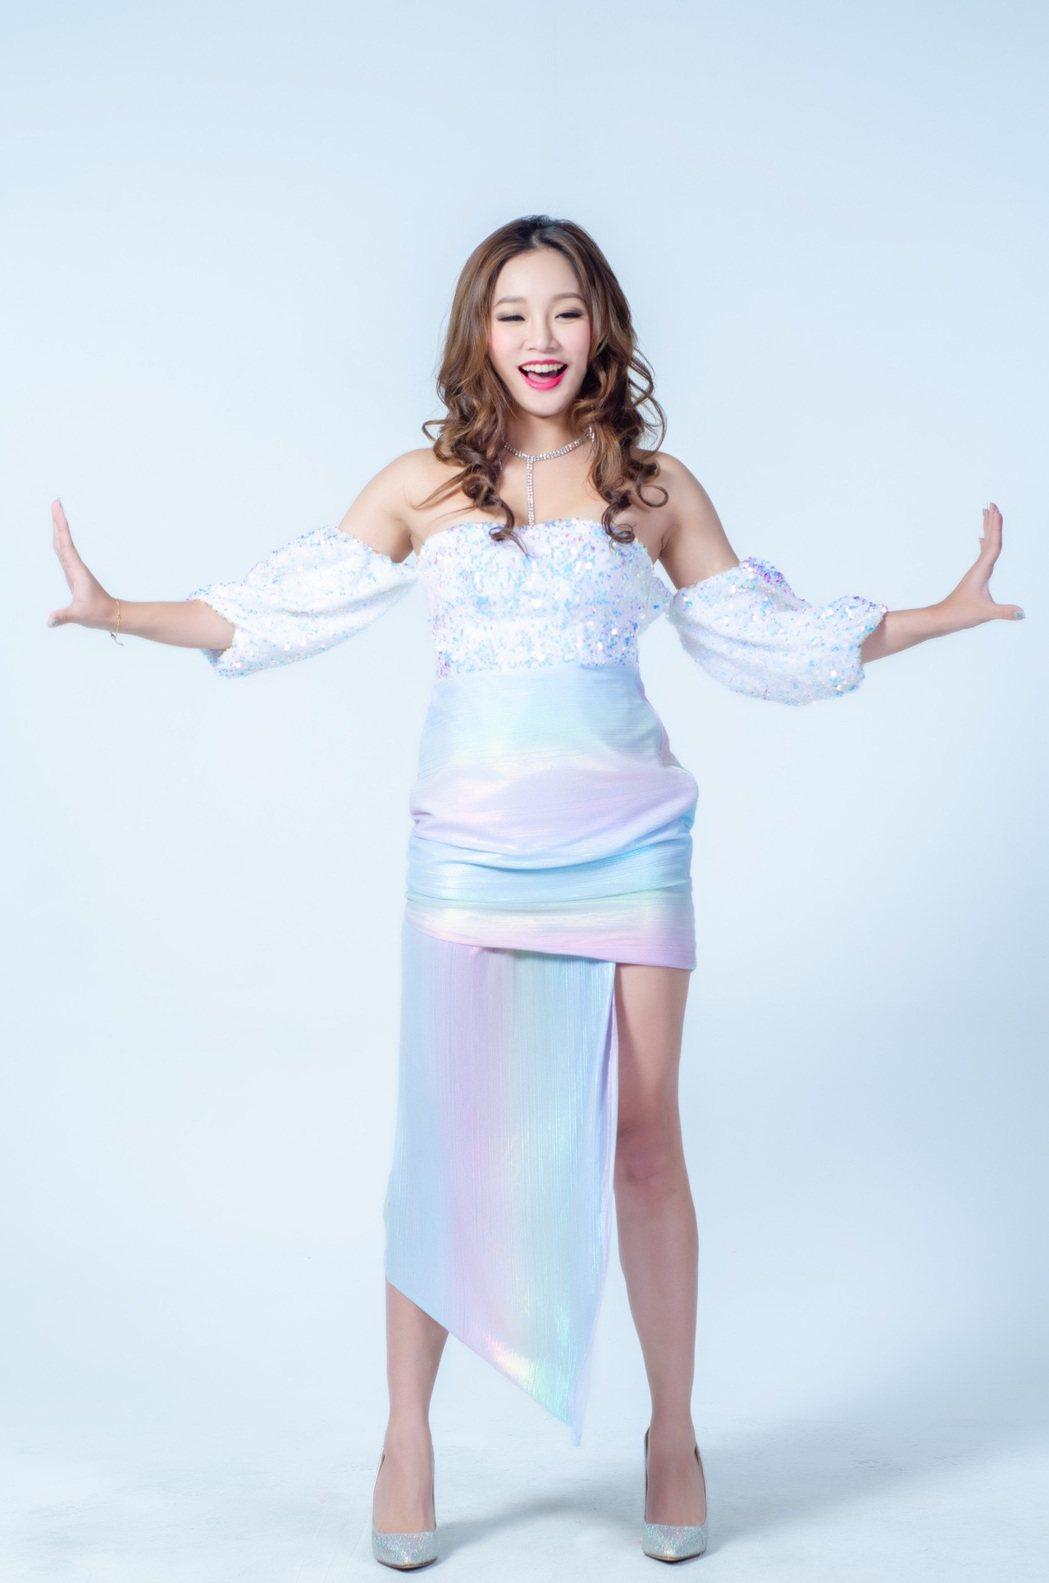 賴慧如在「黃金歲月」飾演動感歌手,造型性感火辣。圖/民視提供